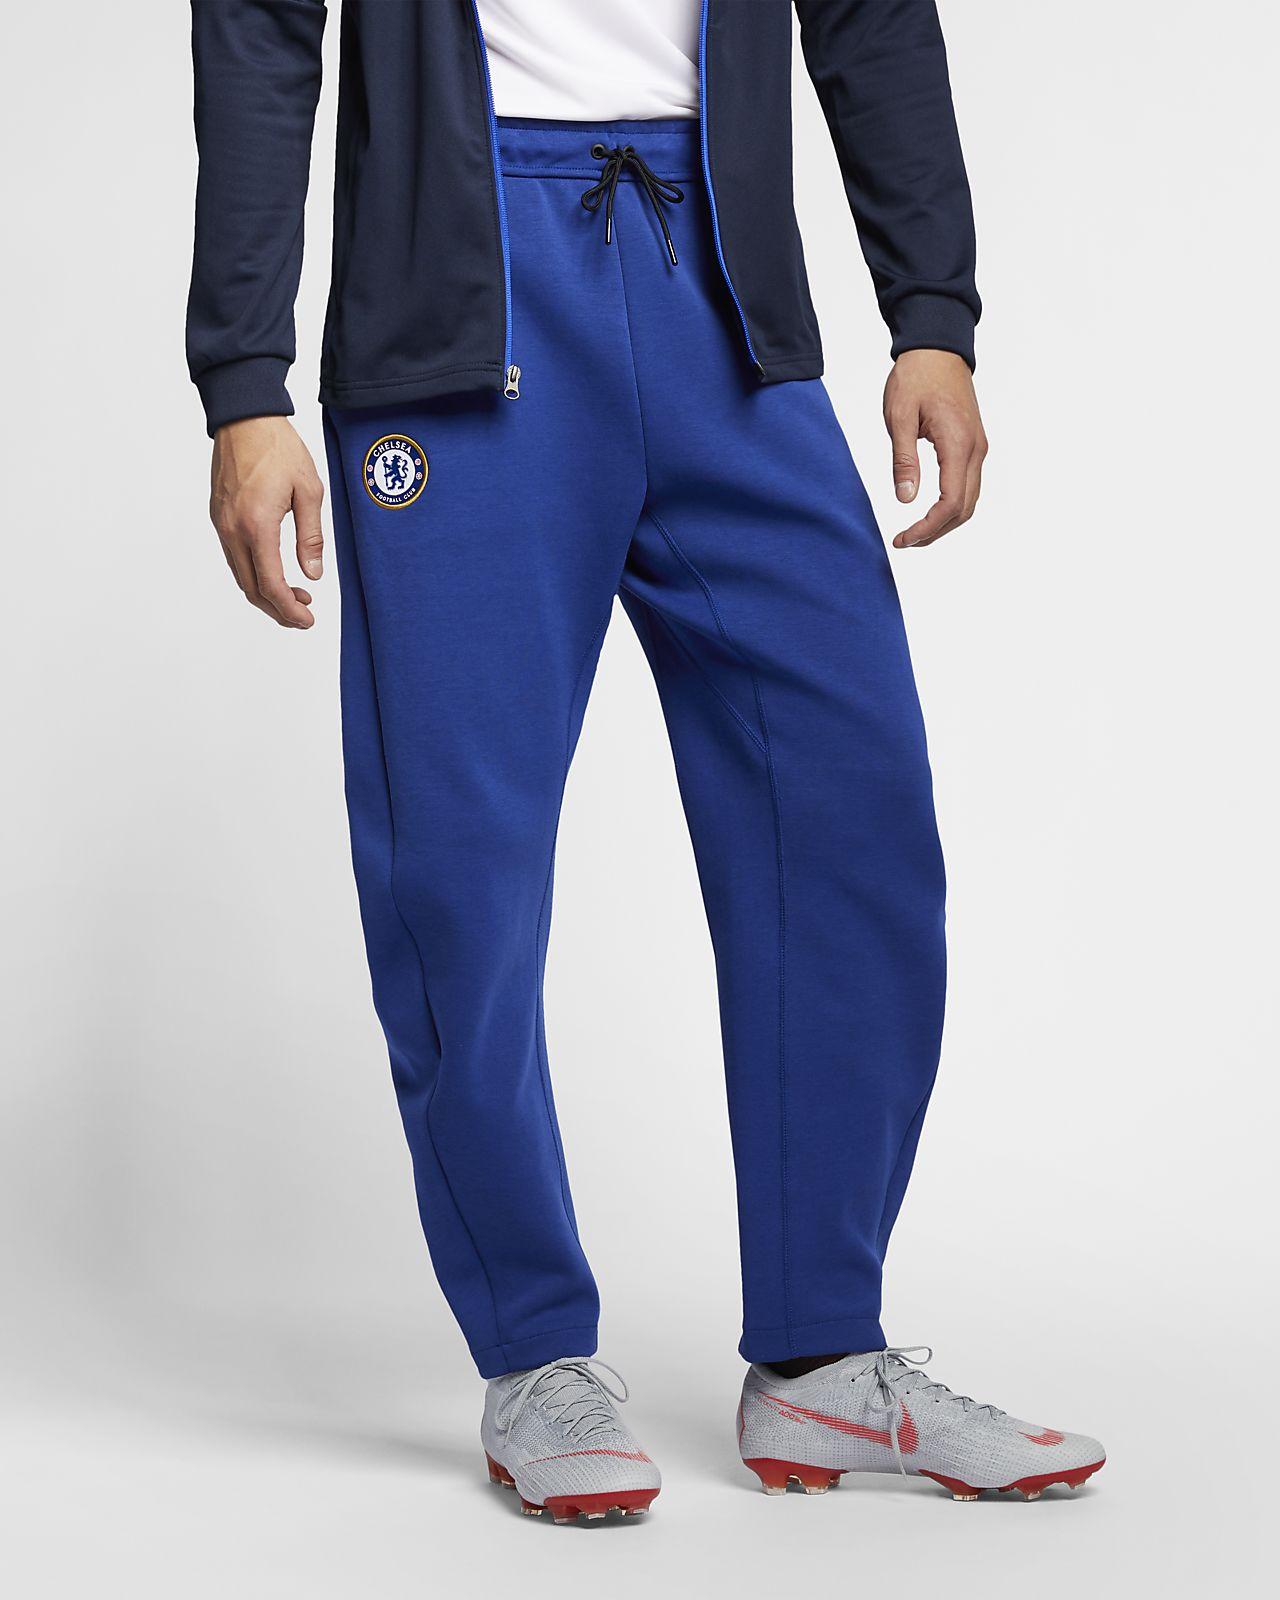 Chelsea FC Tech Fleece Pantalons - Home